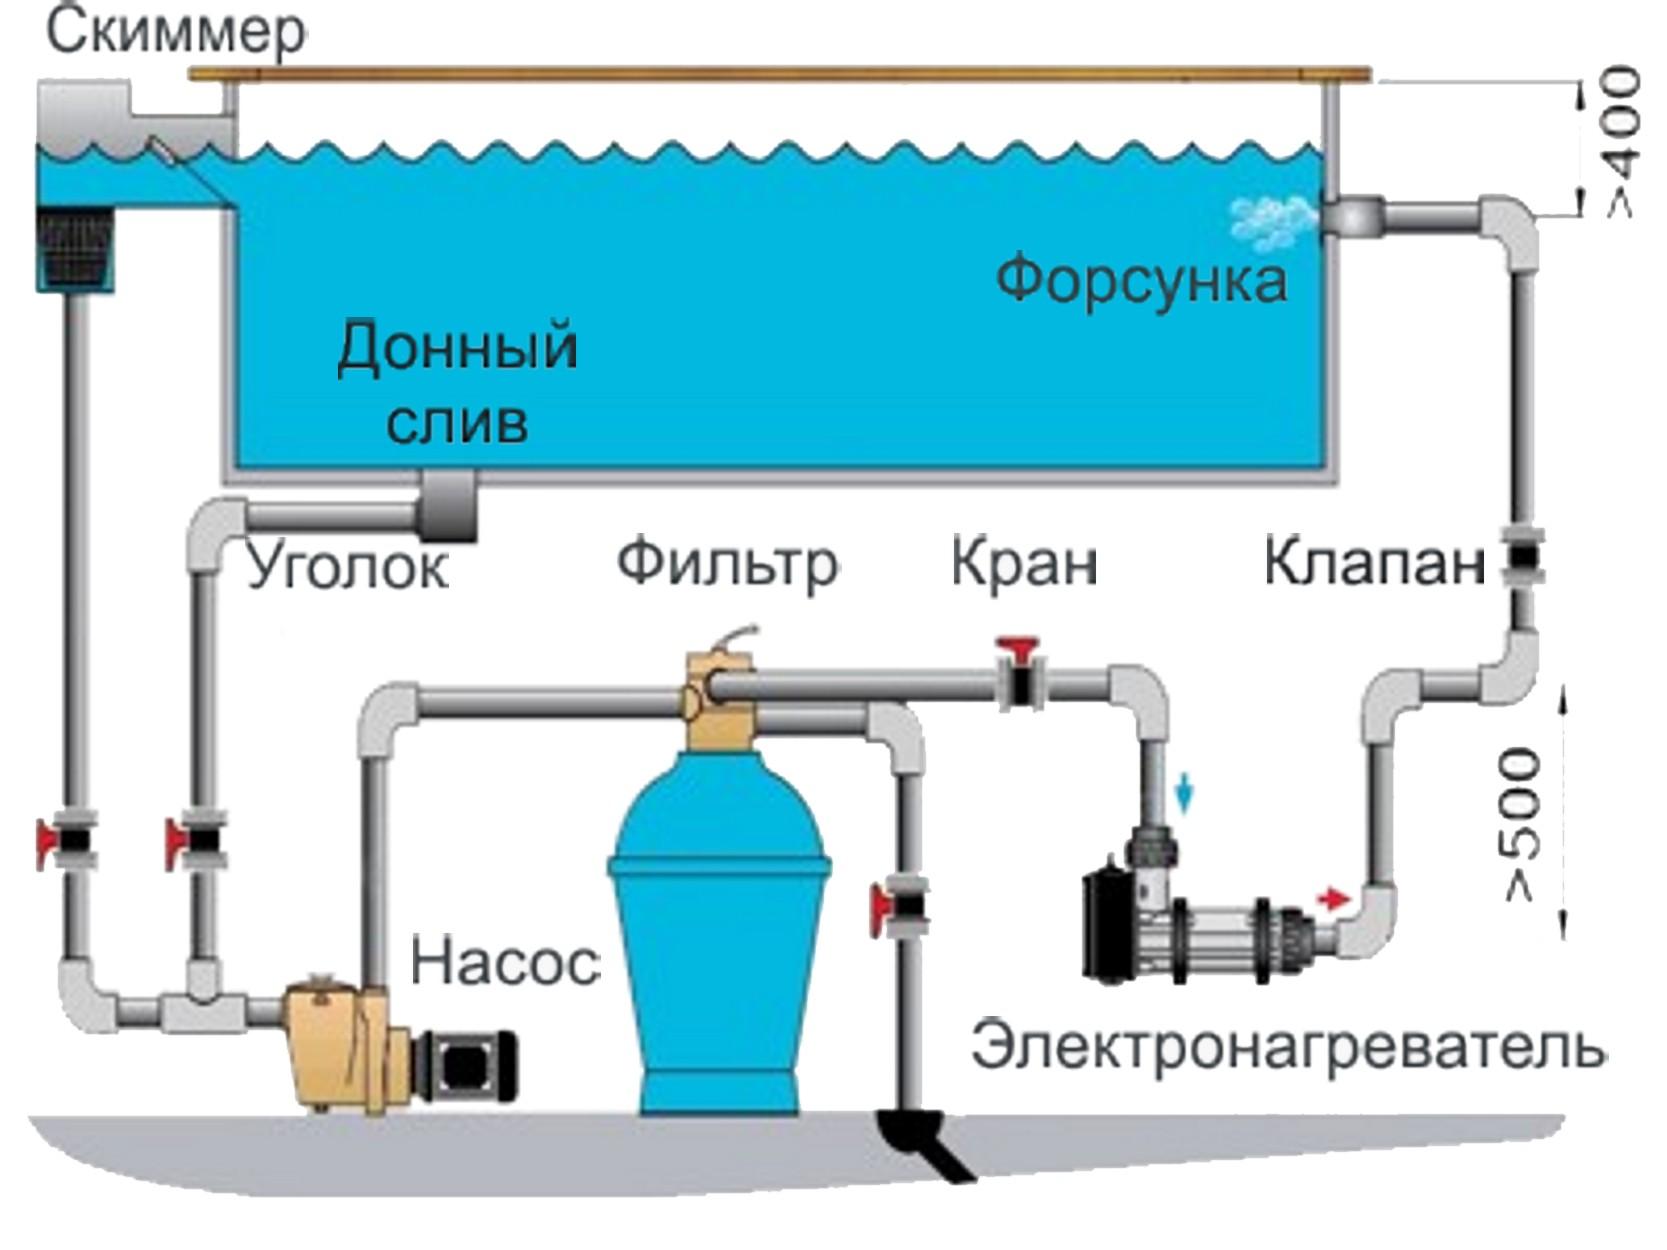 Системы фильтрации и очистки воды в разных бассейнах